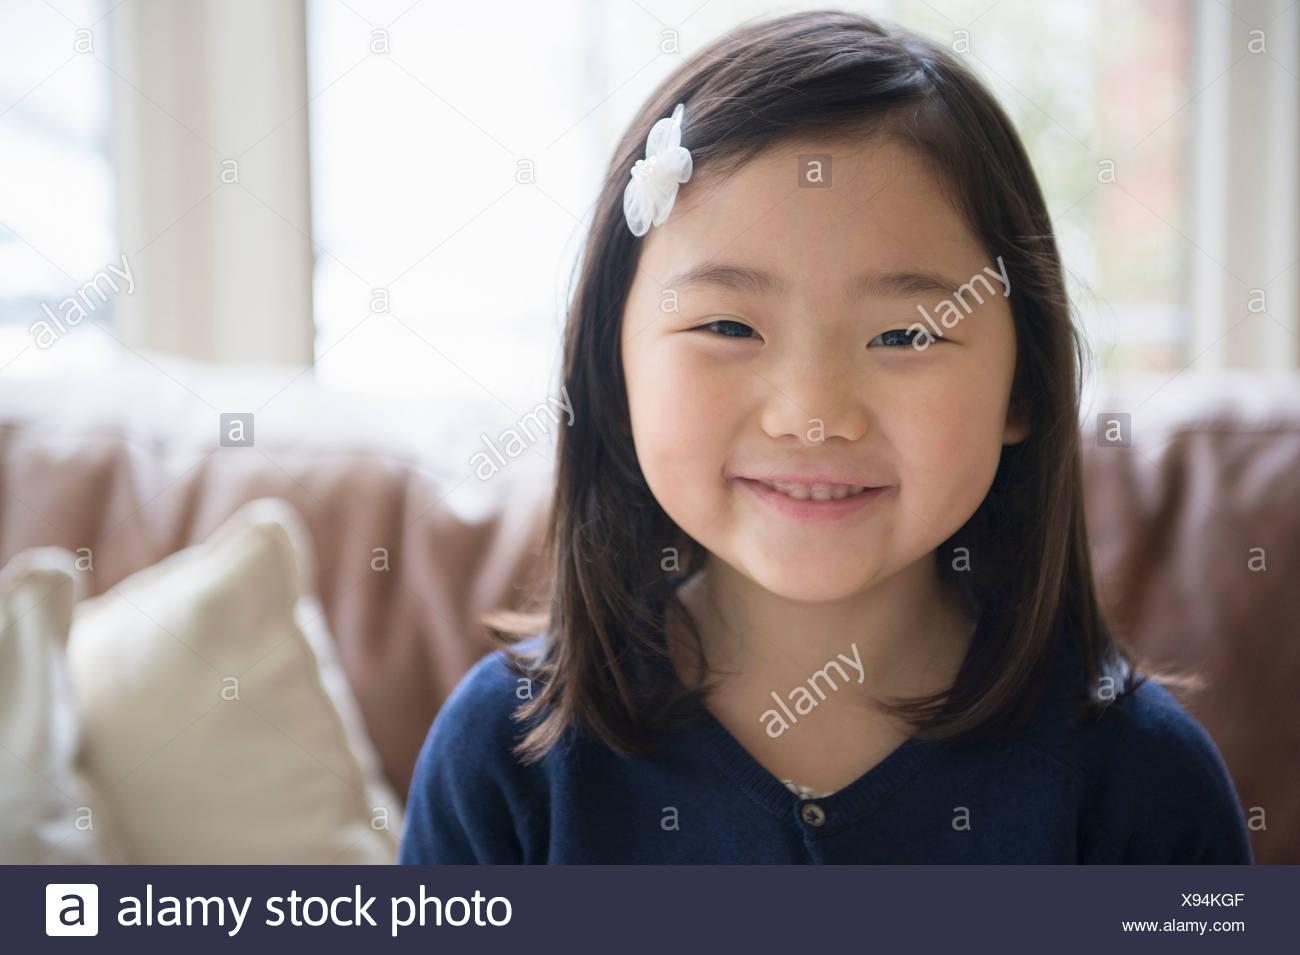 Porträt des jungen Mädchens im Wohnzimmer Stockbild